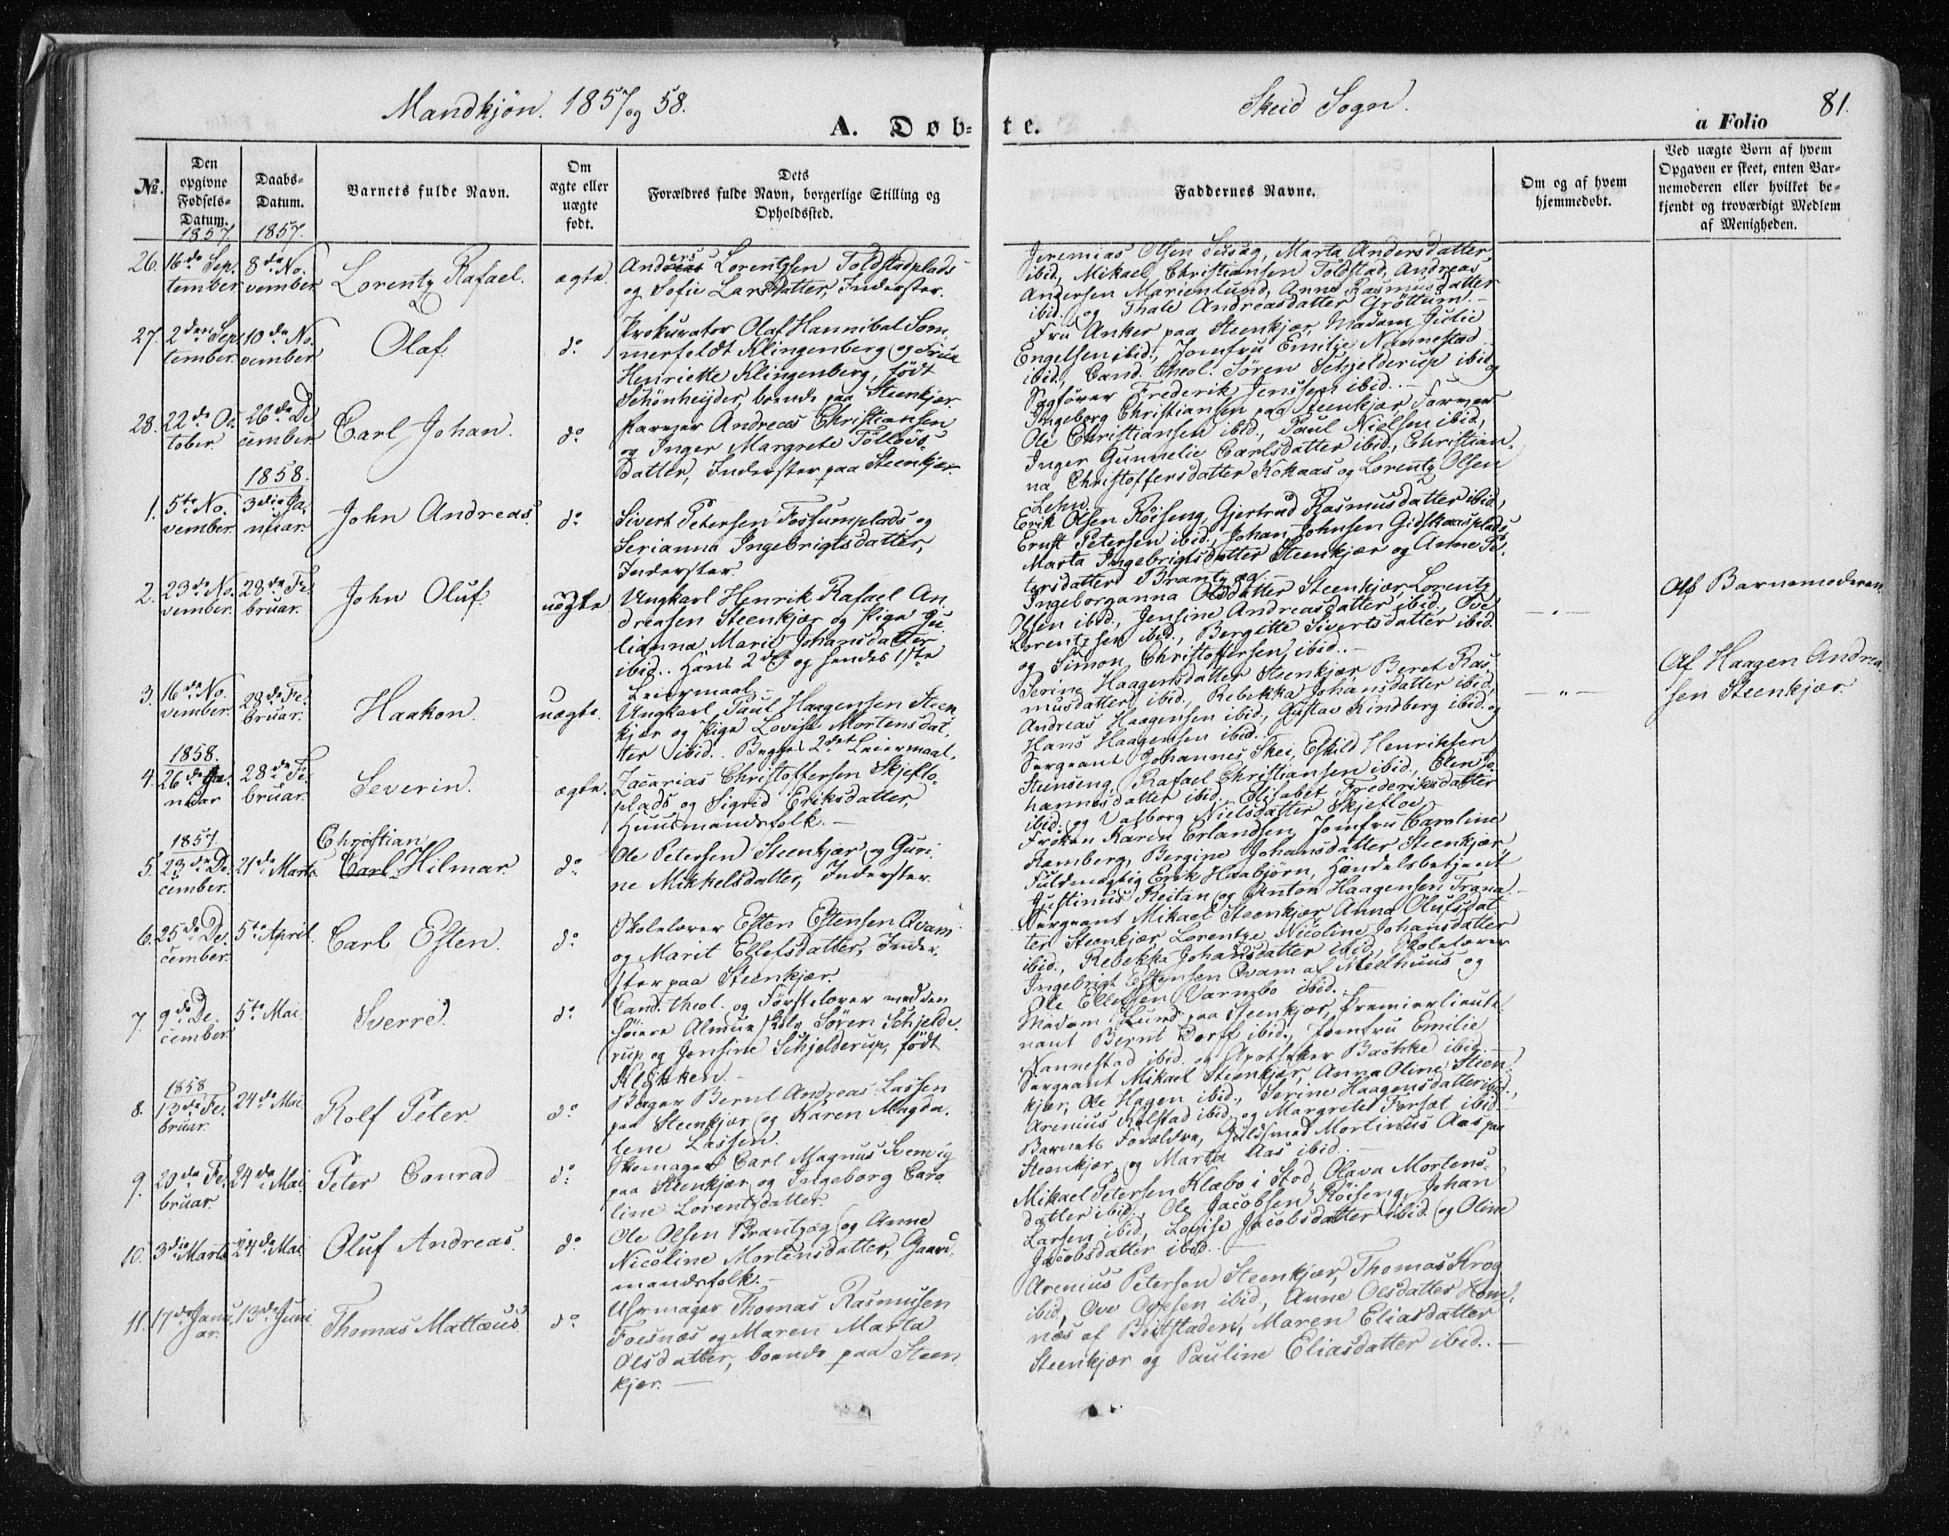 SAT, Ministerialprotokoller, klokkerbøker og fødselsregistre - Nord-Trøndelag, 735/L0342: Ministerialbok nr. 735A07 /2, 1849-1862, s. 81